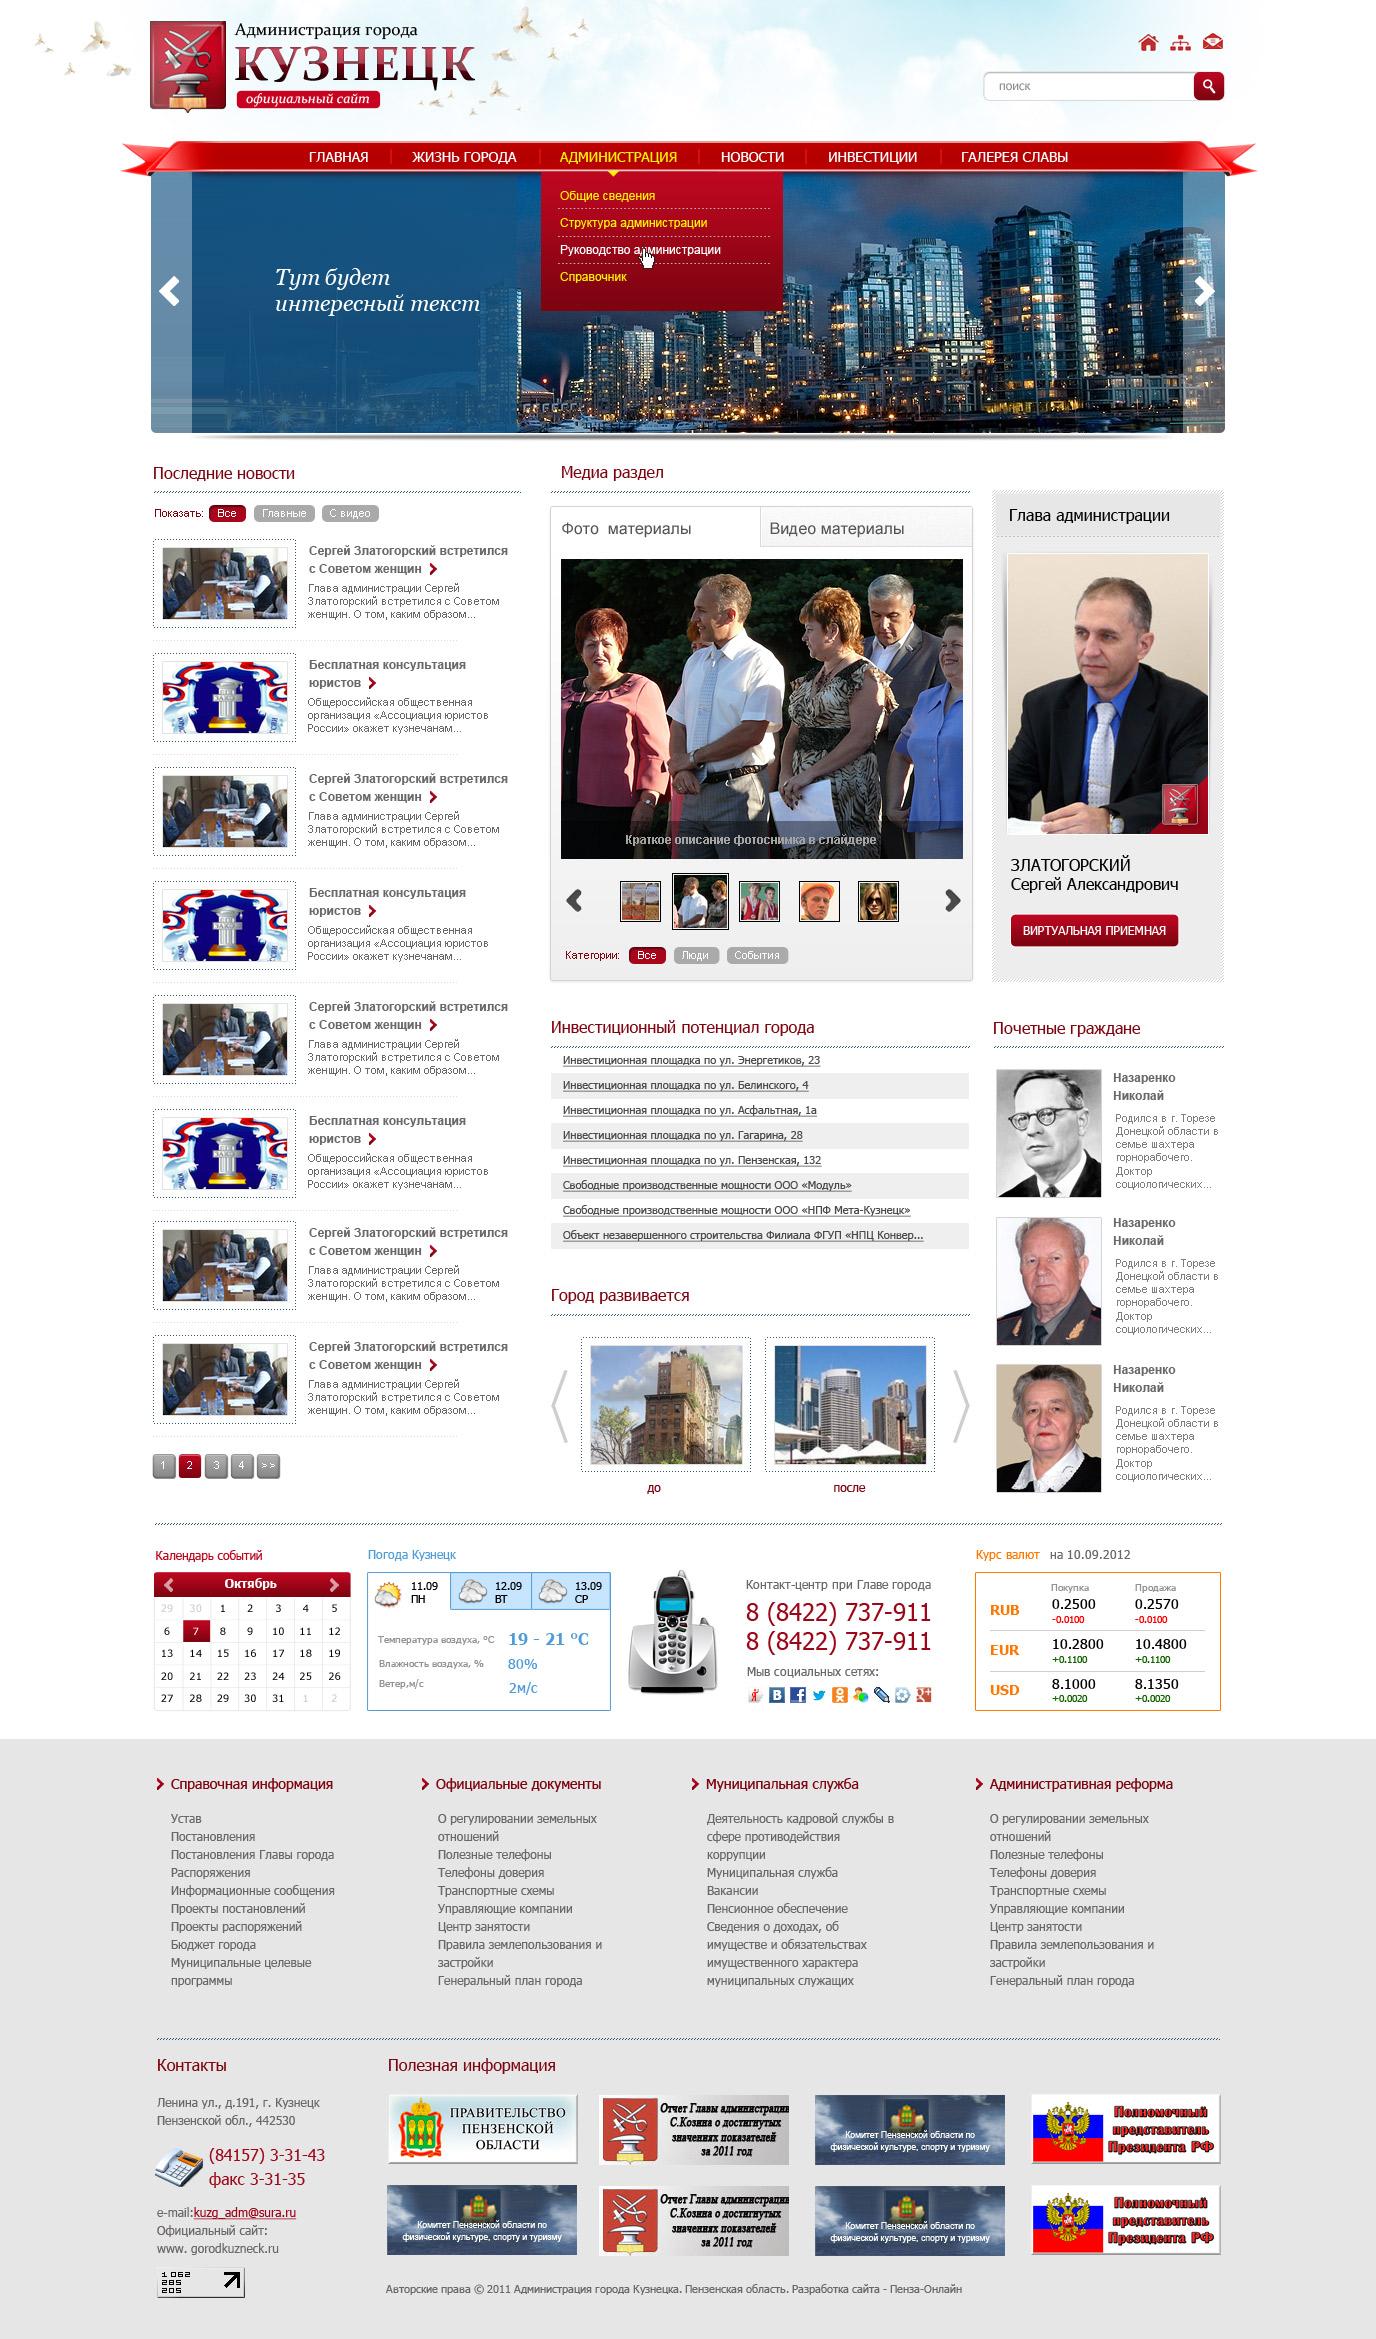 Сайт администрации города Кузнецк